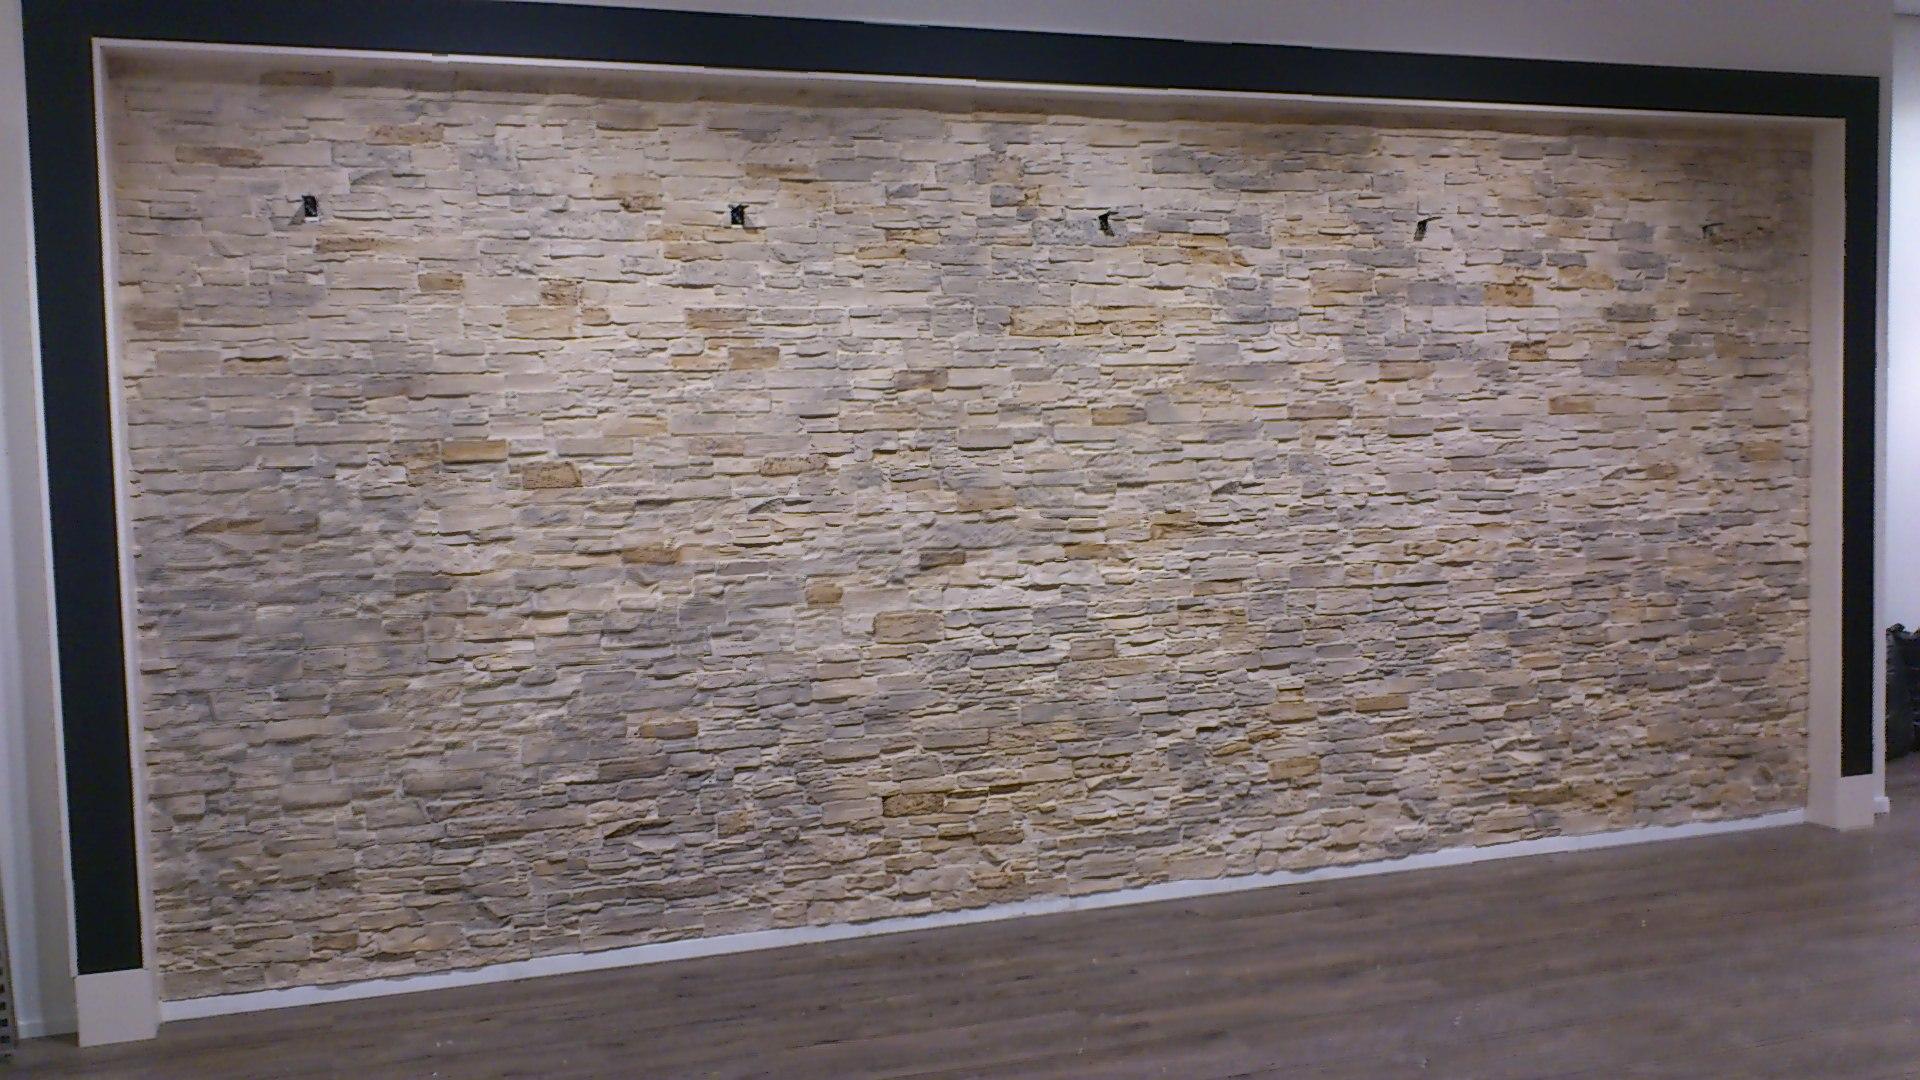 steinwand wohnzimmer beige – inelastic, Deko ideen